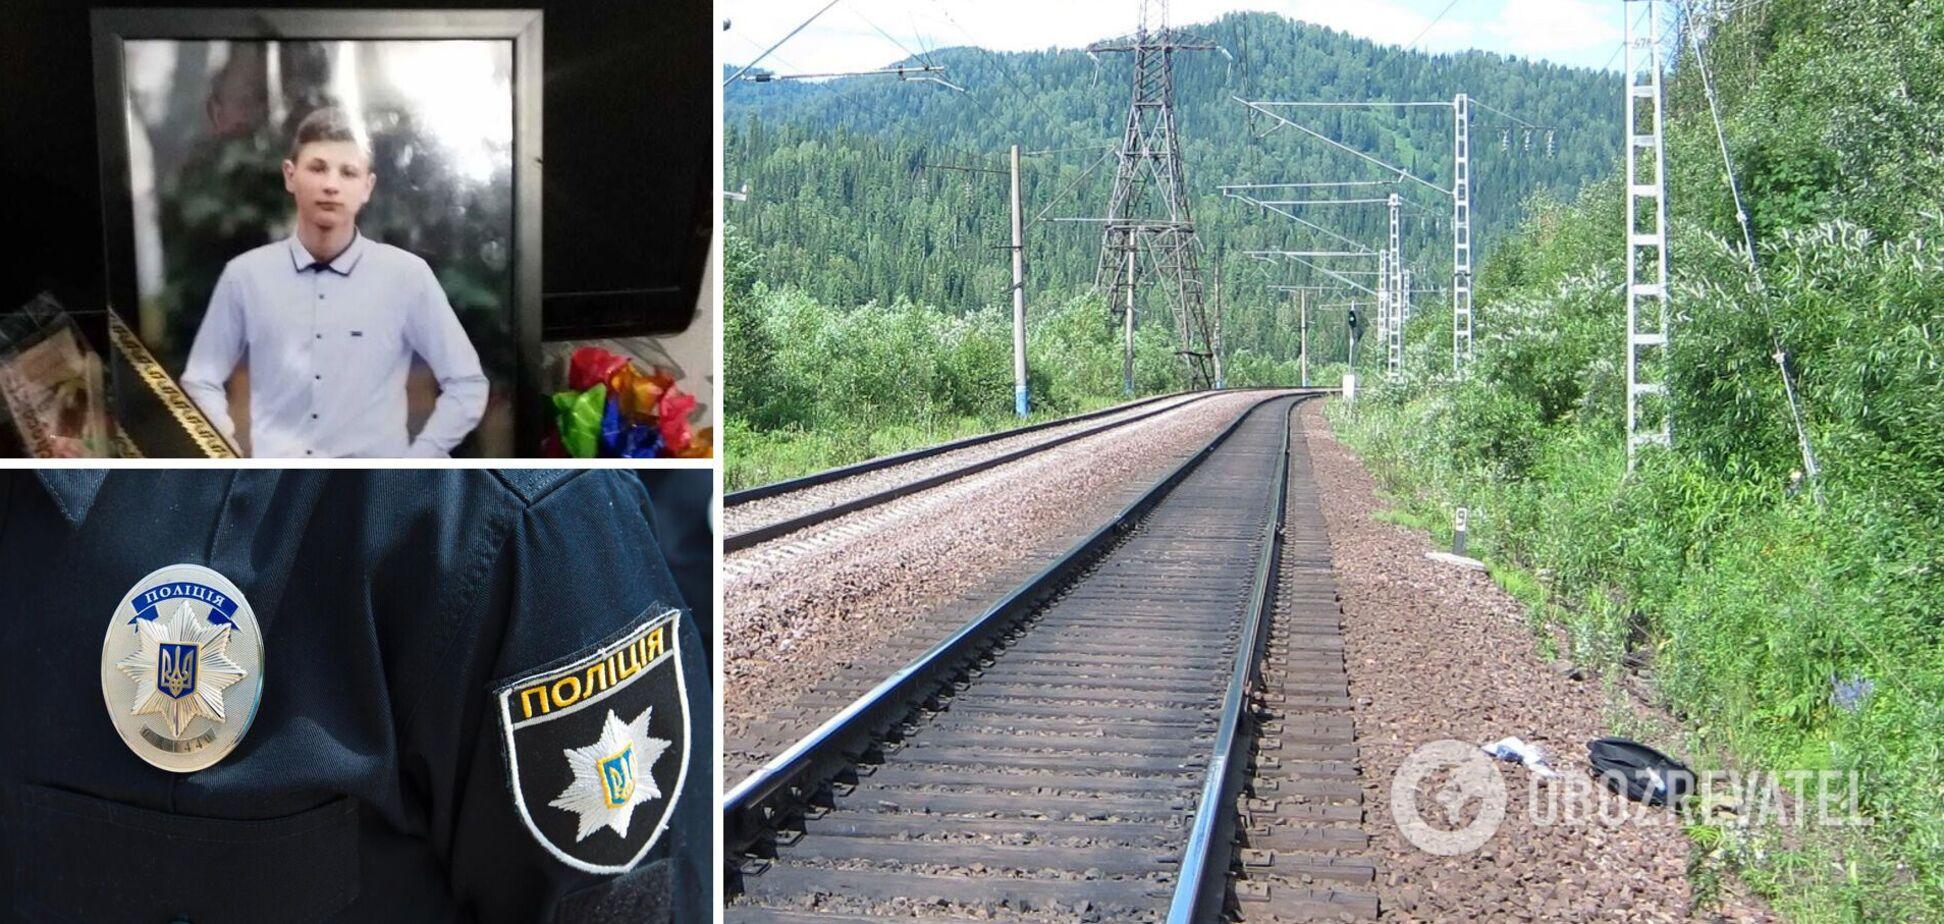 Був мертвим до того, як опинився під поїздом? Загибель підлітка на Чернігівщині визнали 'випадковою', батьки обурені